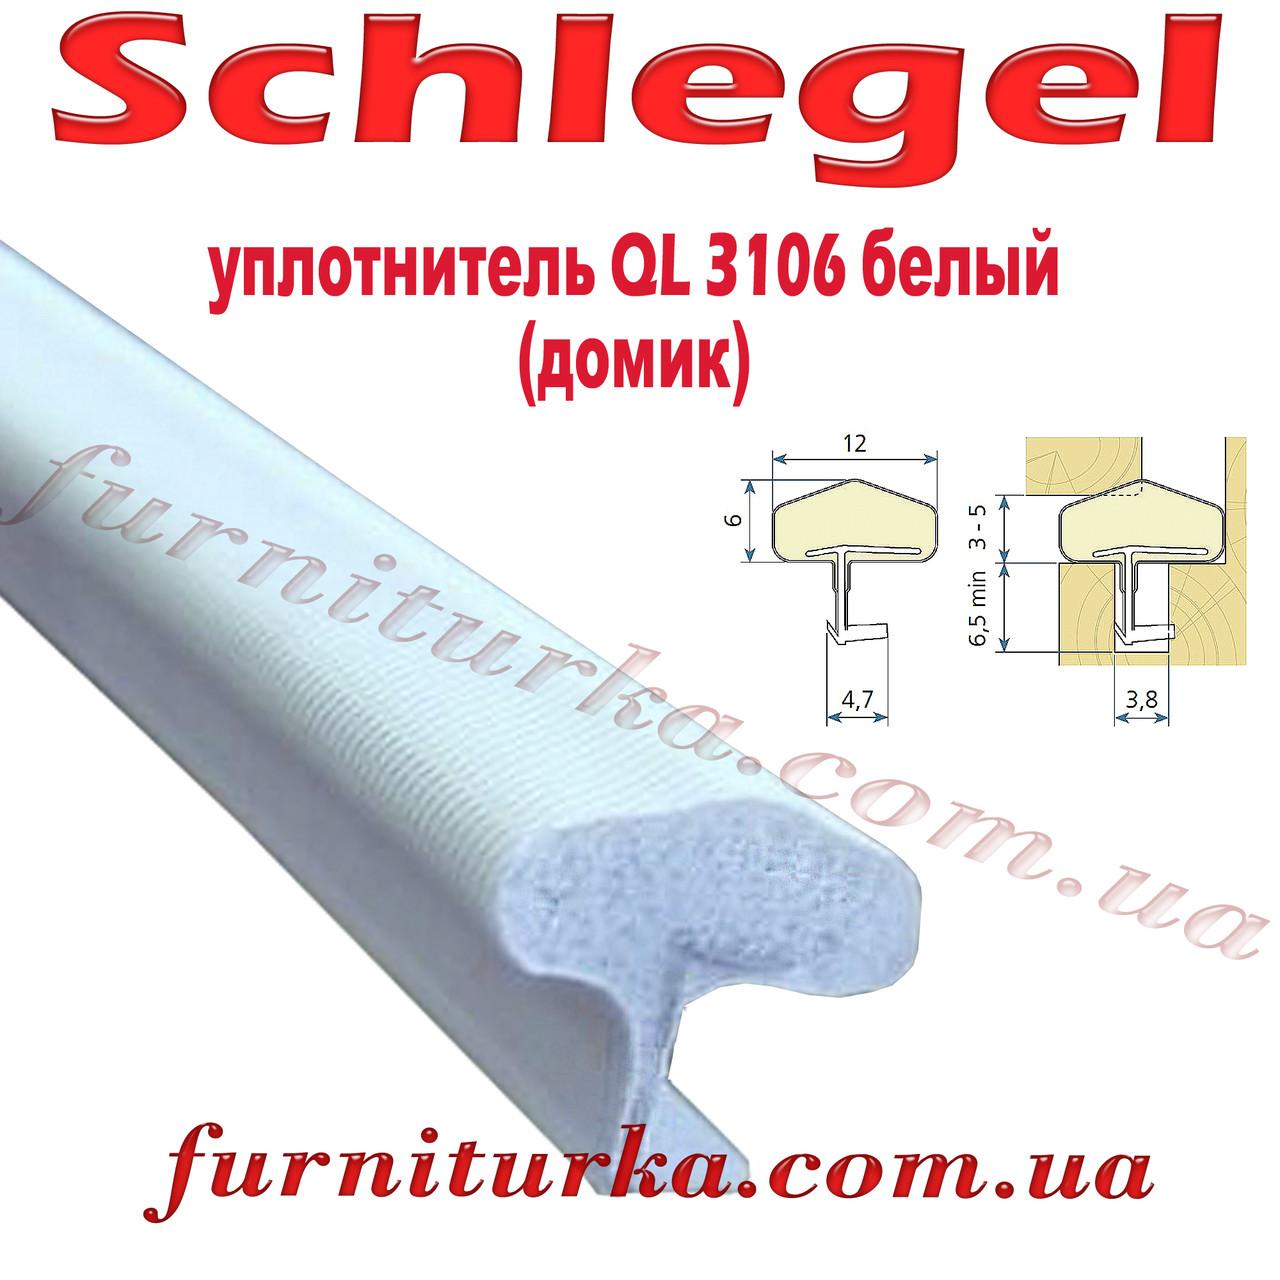 Уплотнитель дверной Schlegel QL 3106 белый (домик)